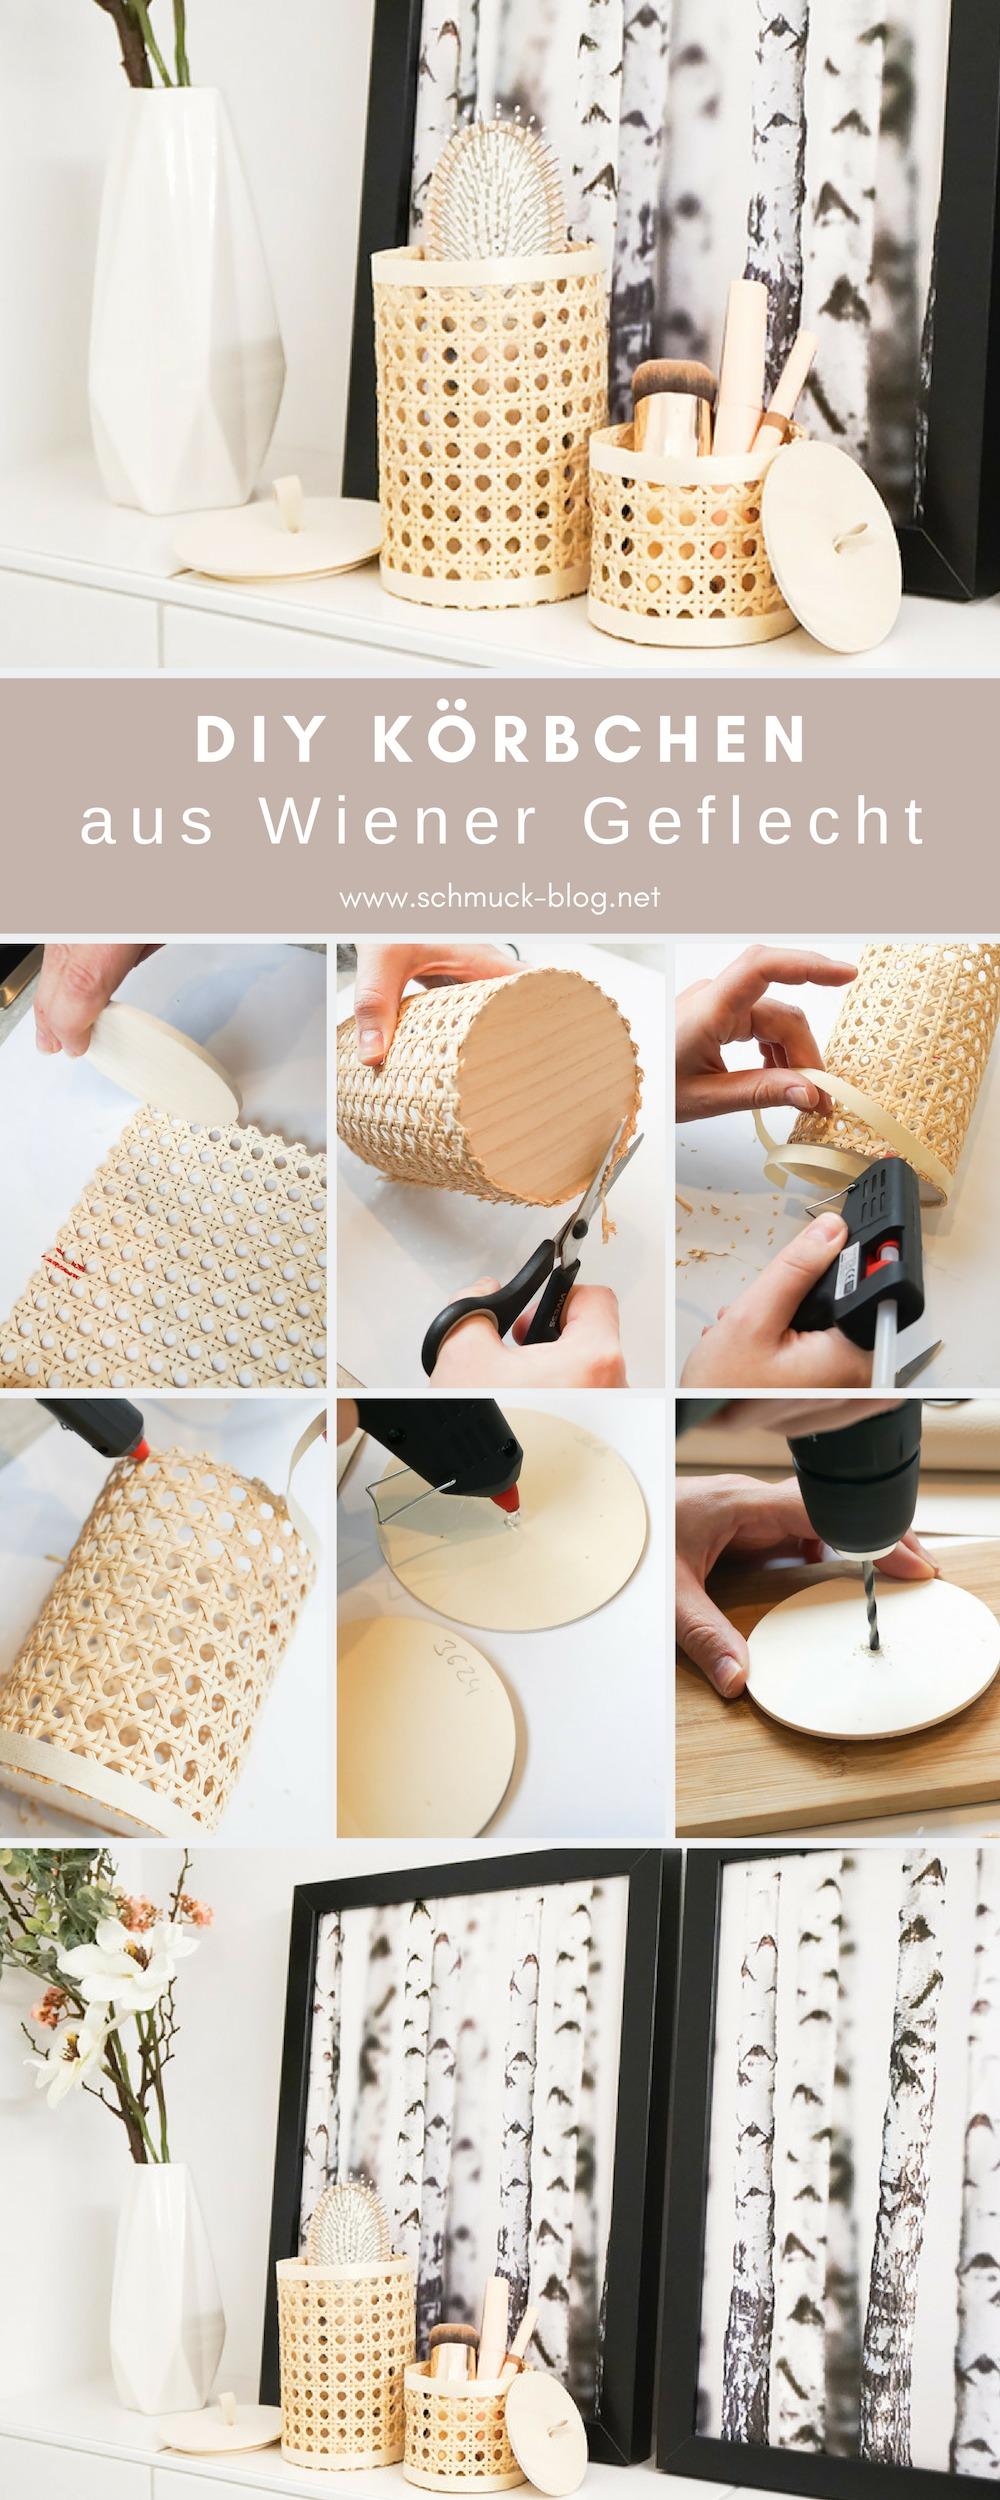 Bastel ganz einfach hübsche DIY Körbchen aus Wiener Geflecht für´s Badezimmer oder Büro. Ideal für Kosmetik, Schminke, Stifte und kleine Geheimnisse ♥